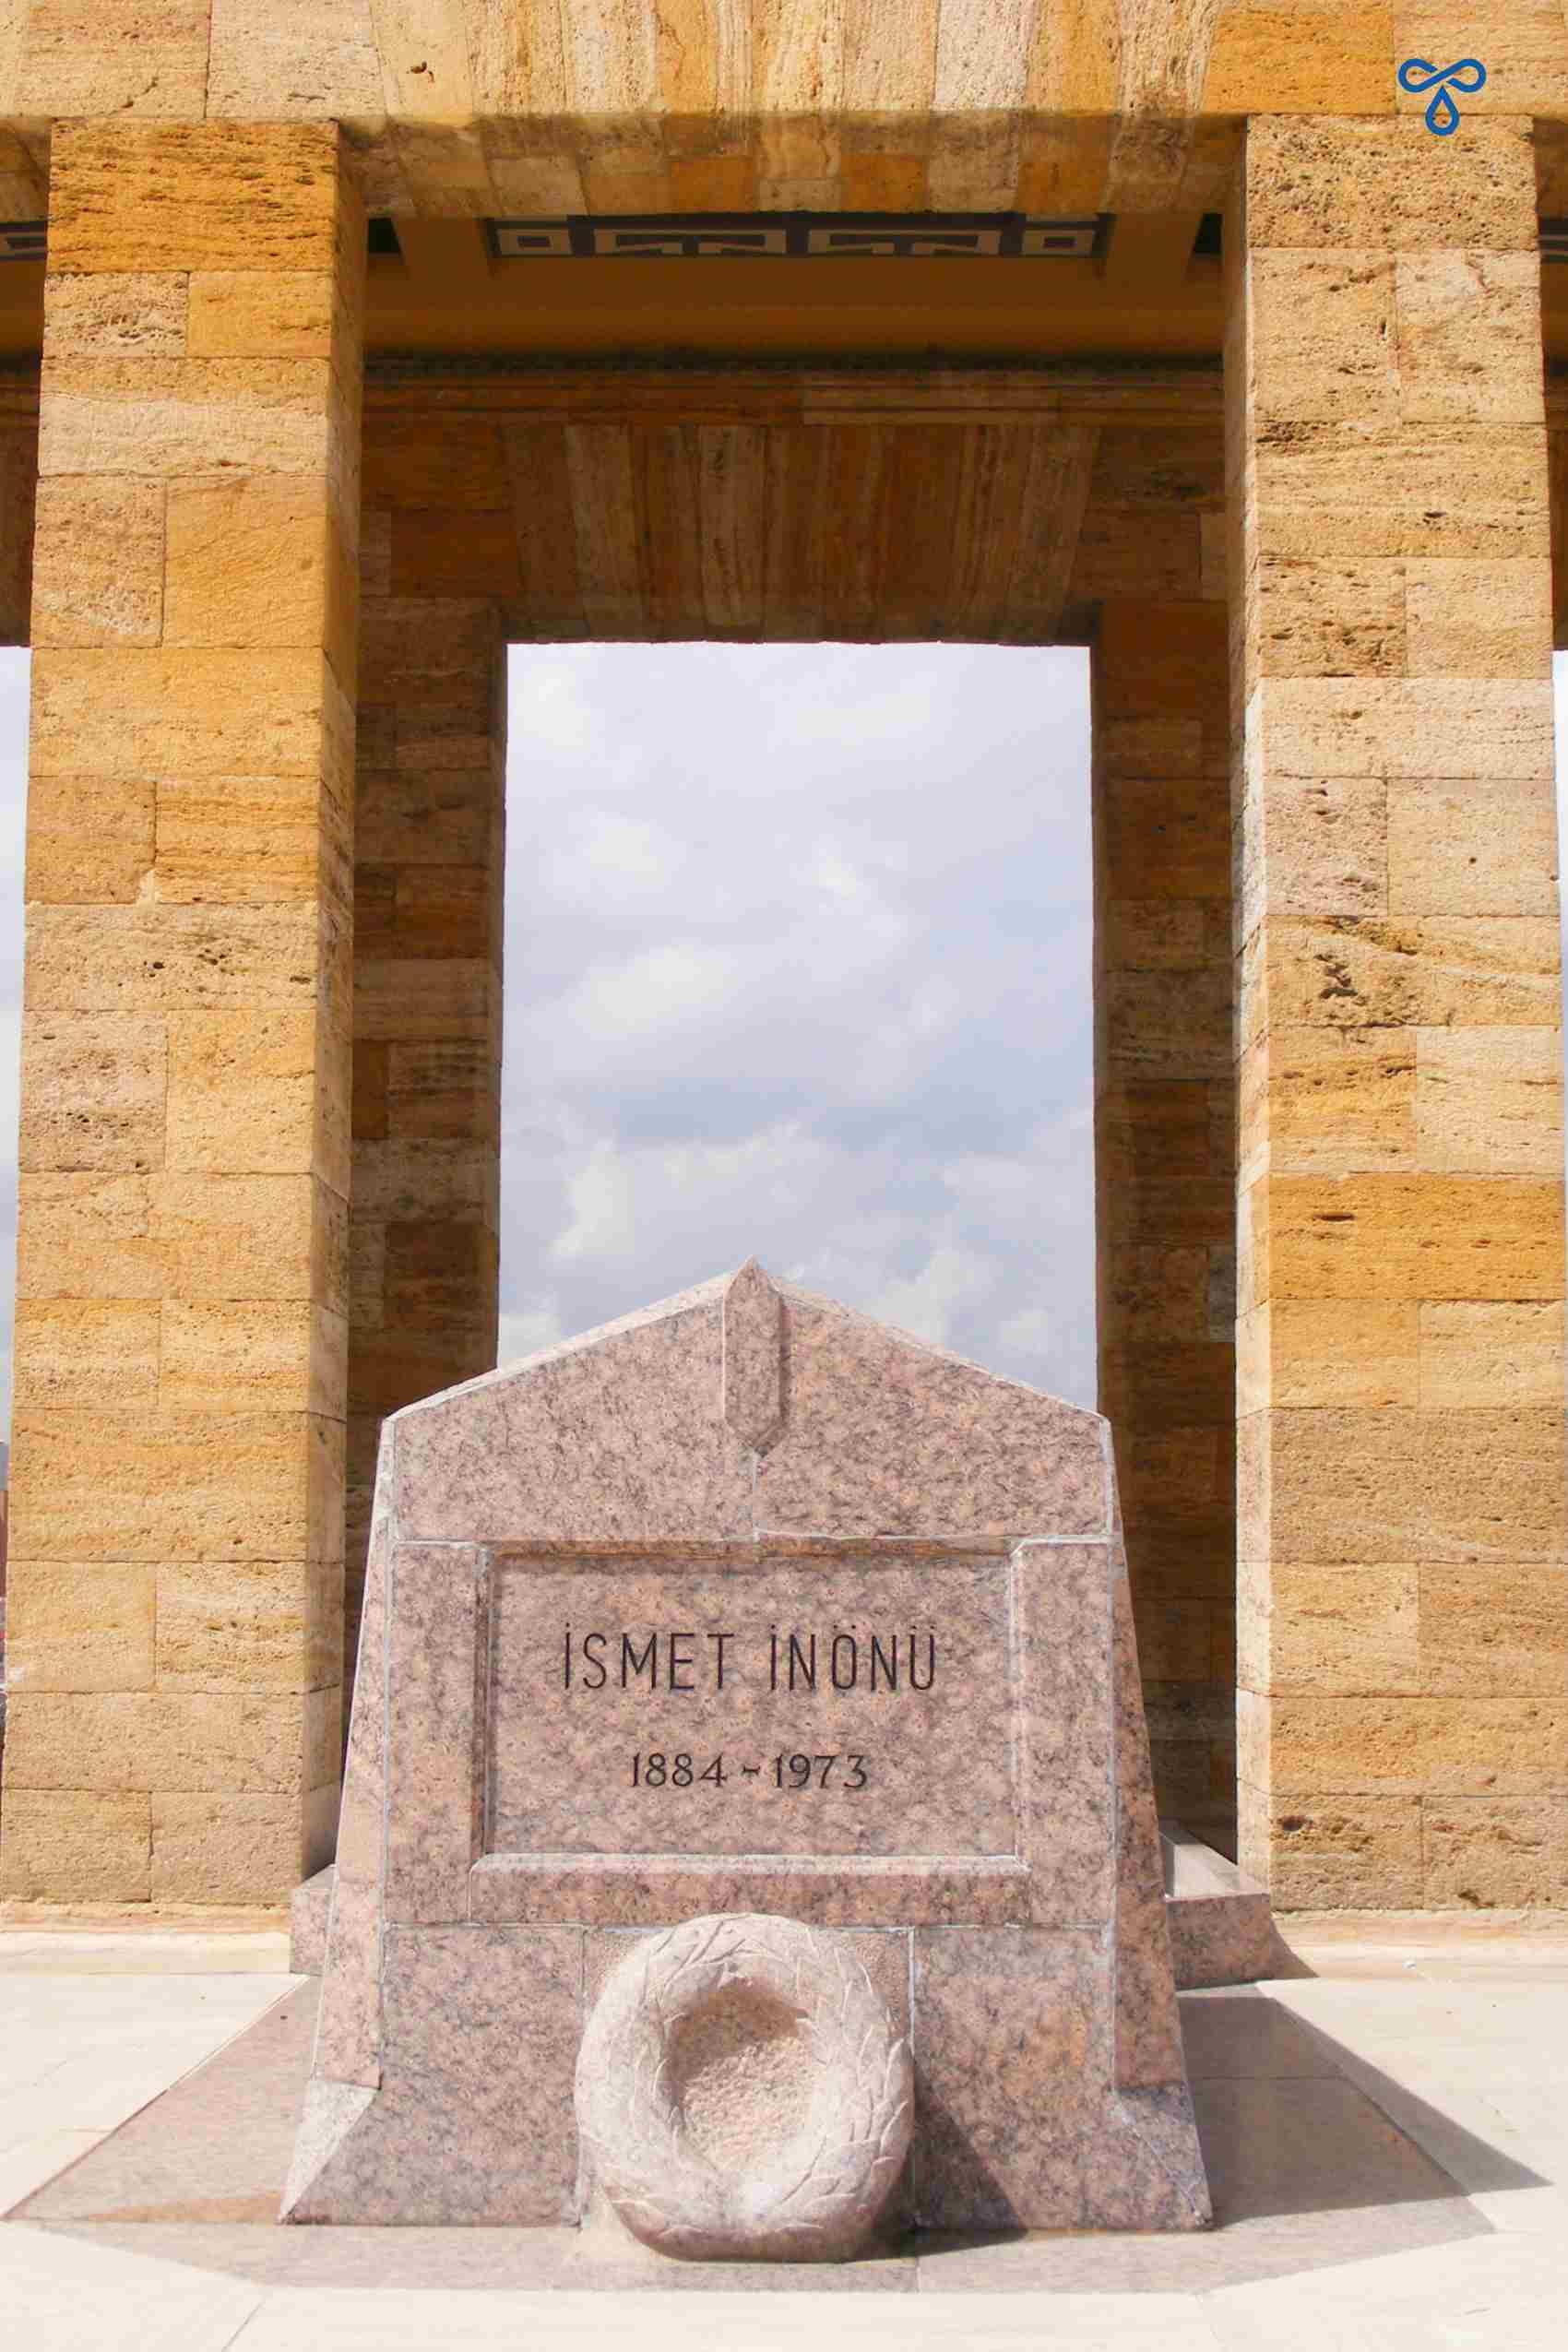 The Tomb of Ismet Inönü, Anıtkabir, Ankara